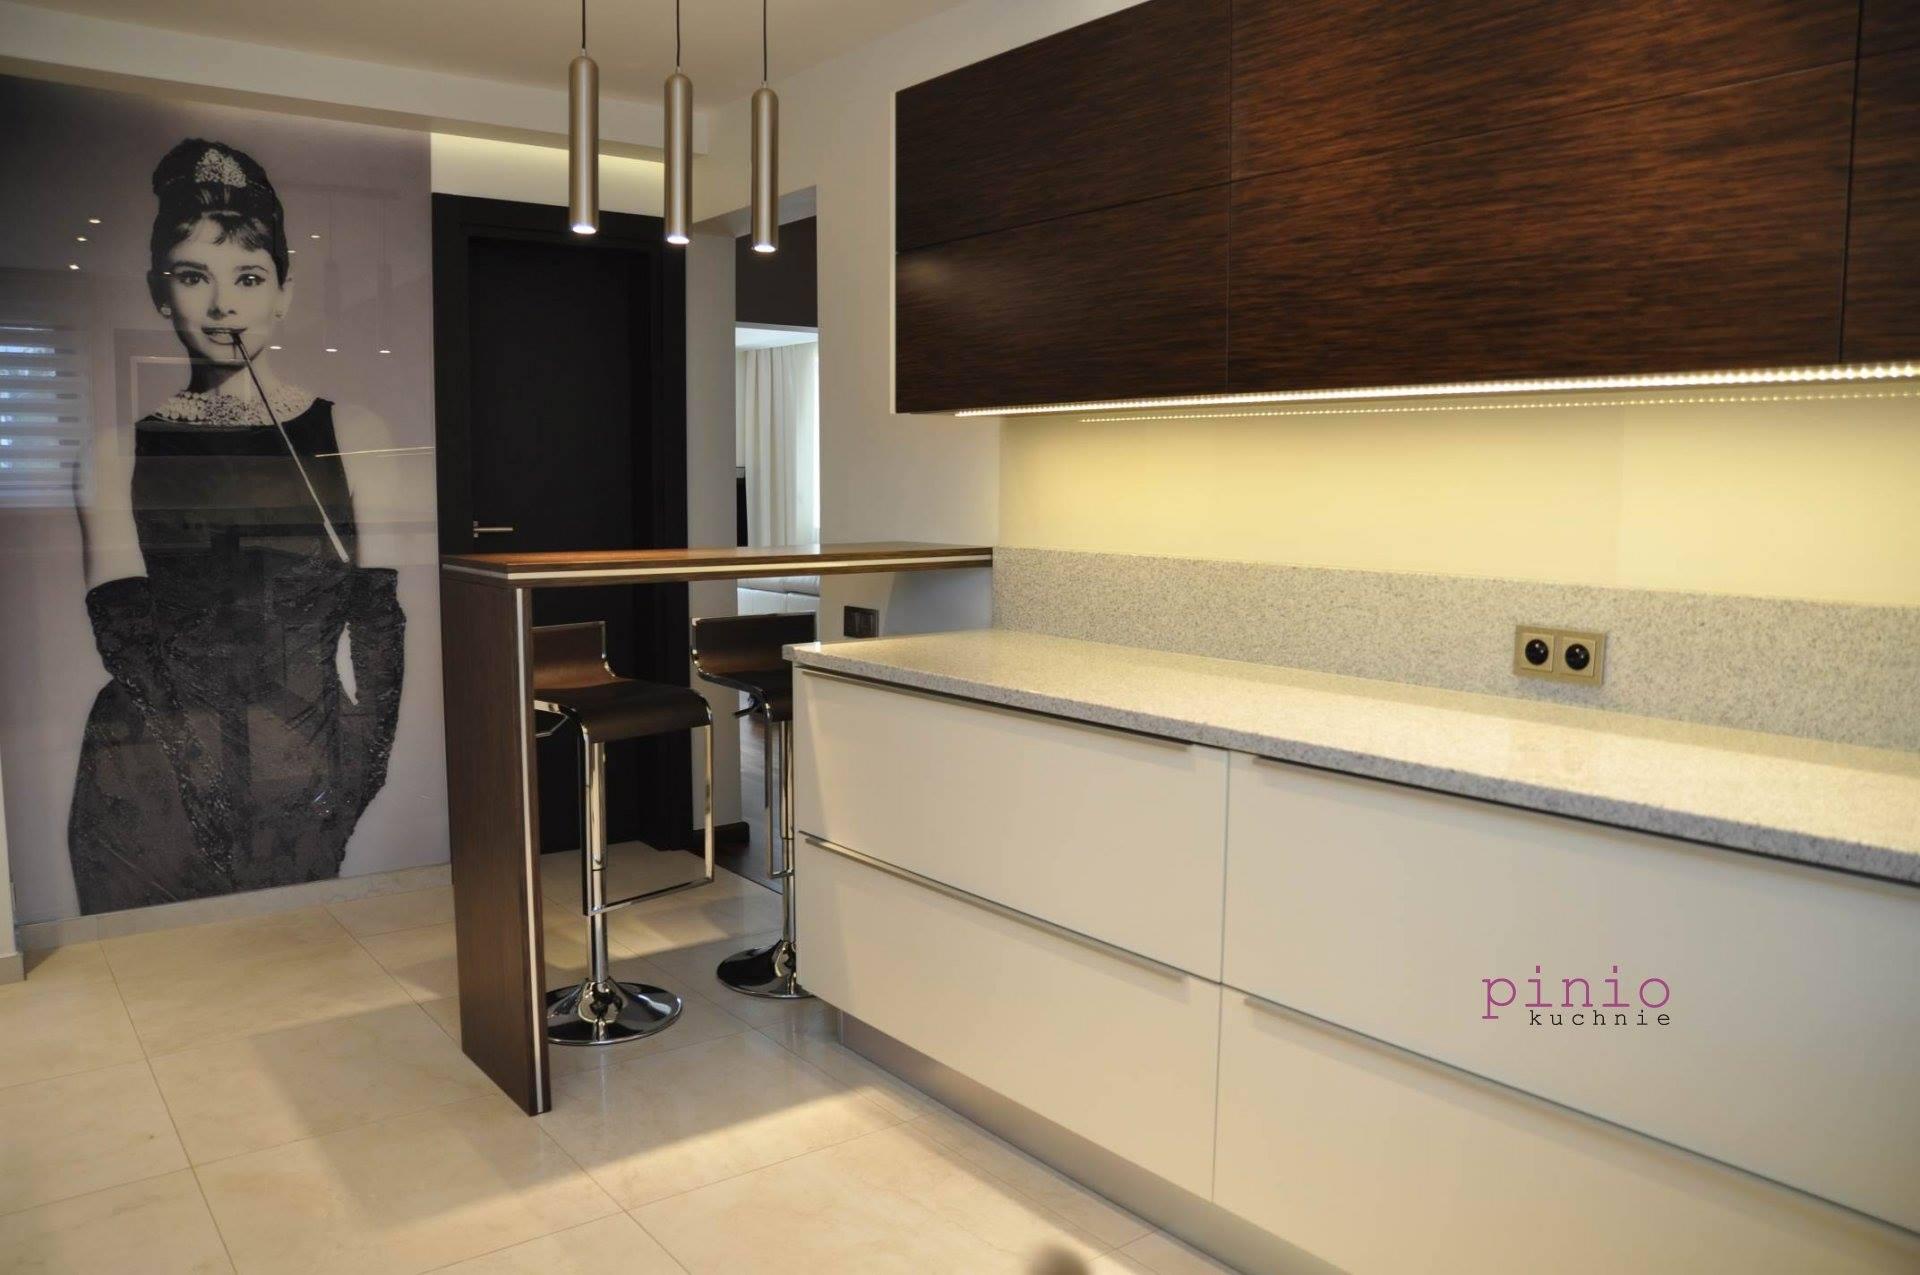 Co Na ścianę W Kuchni Zamiast Płytek Kuchnie Pinio Blog